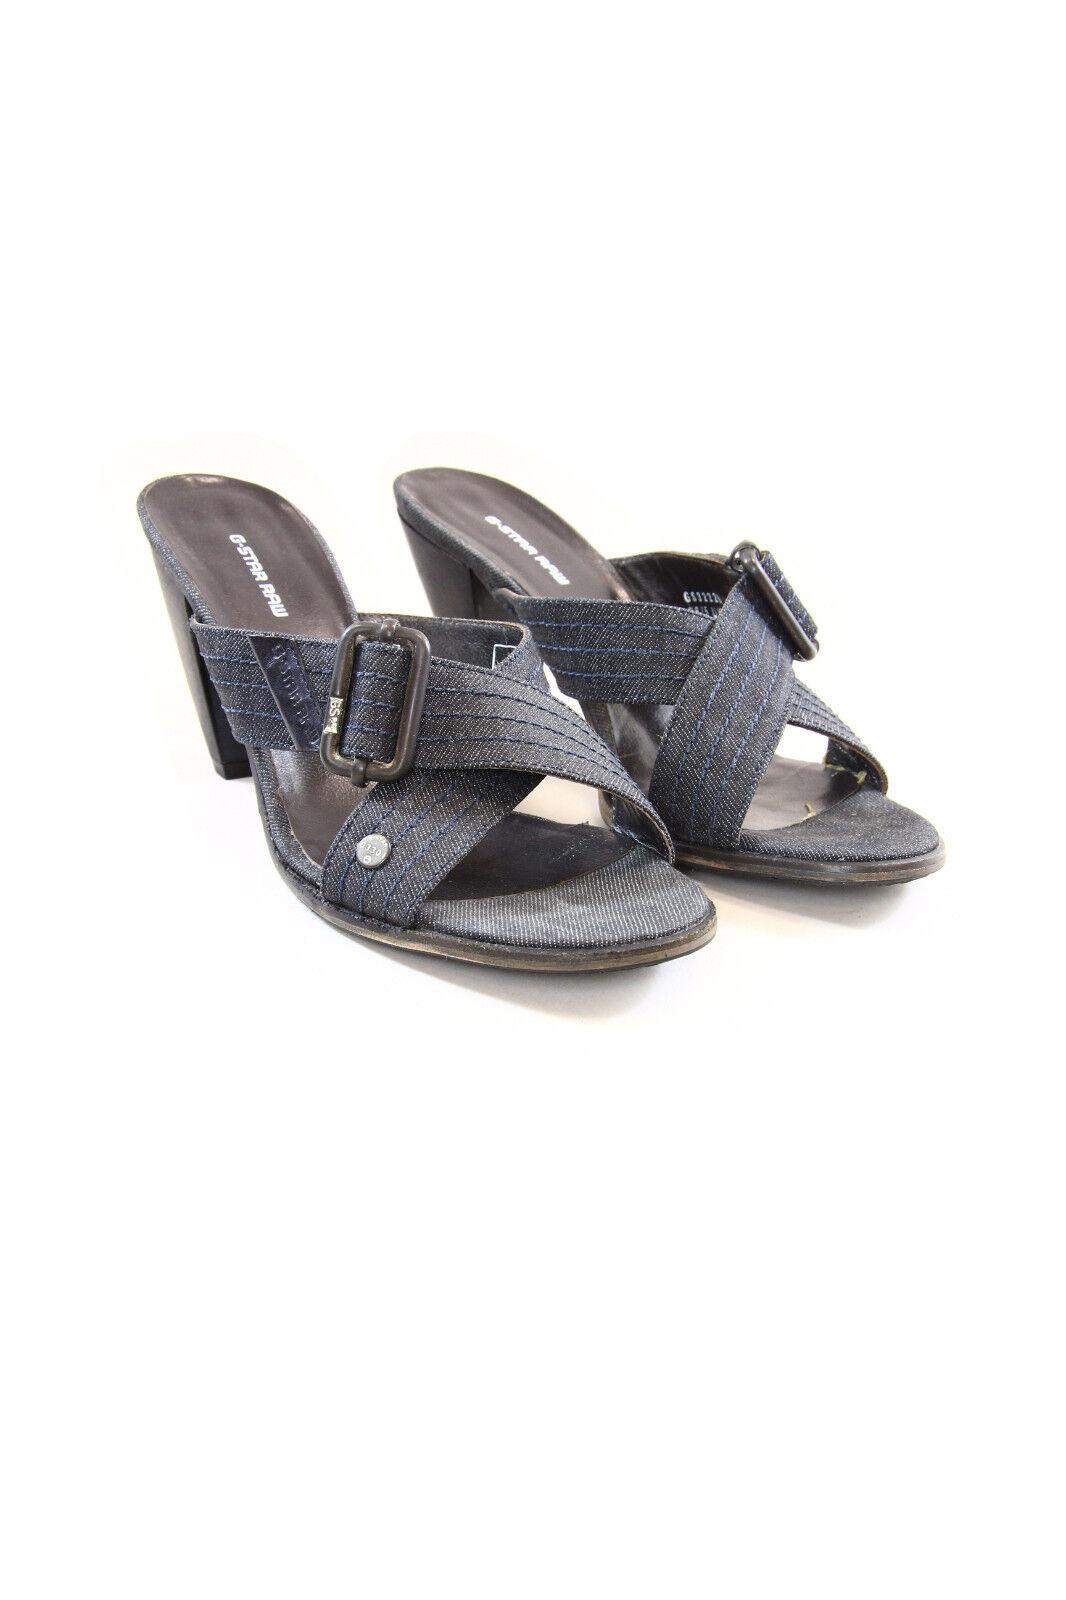 G -Star GS32226 Donne Denim Sandals con Wooden Heel (8  cm)  bellissimo